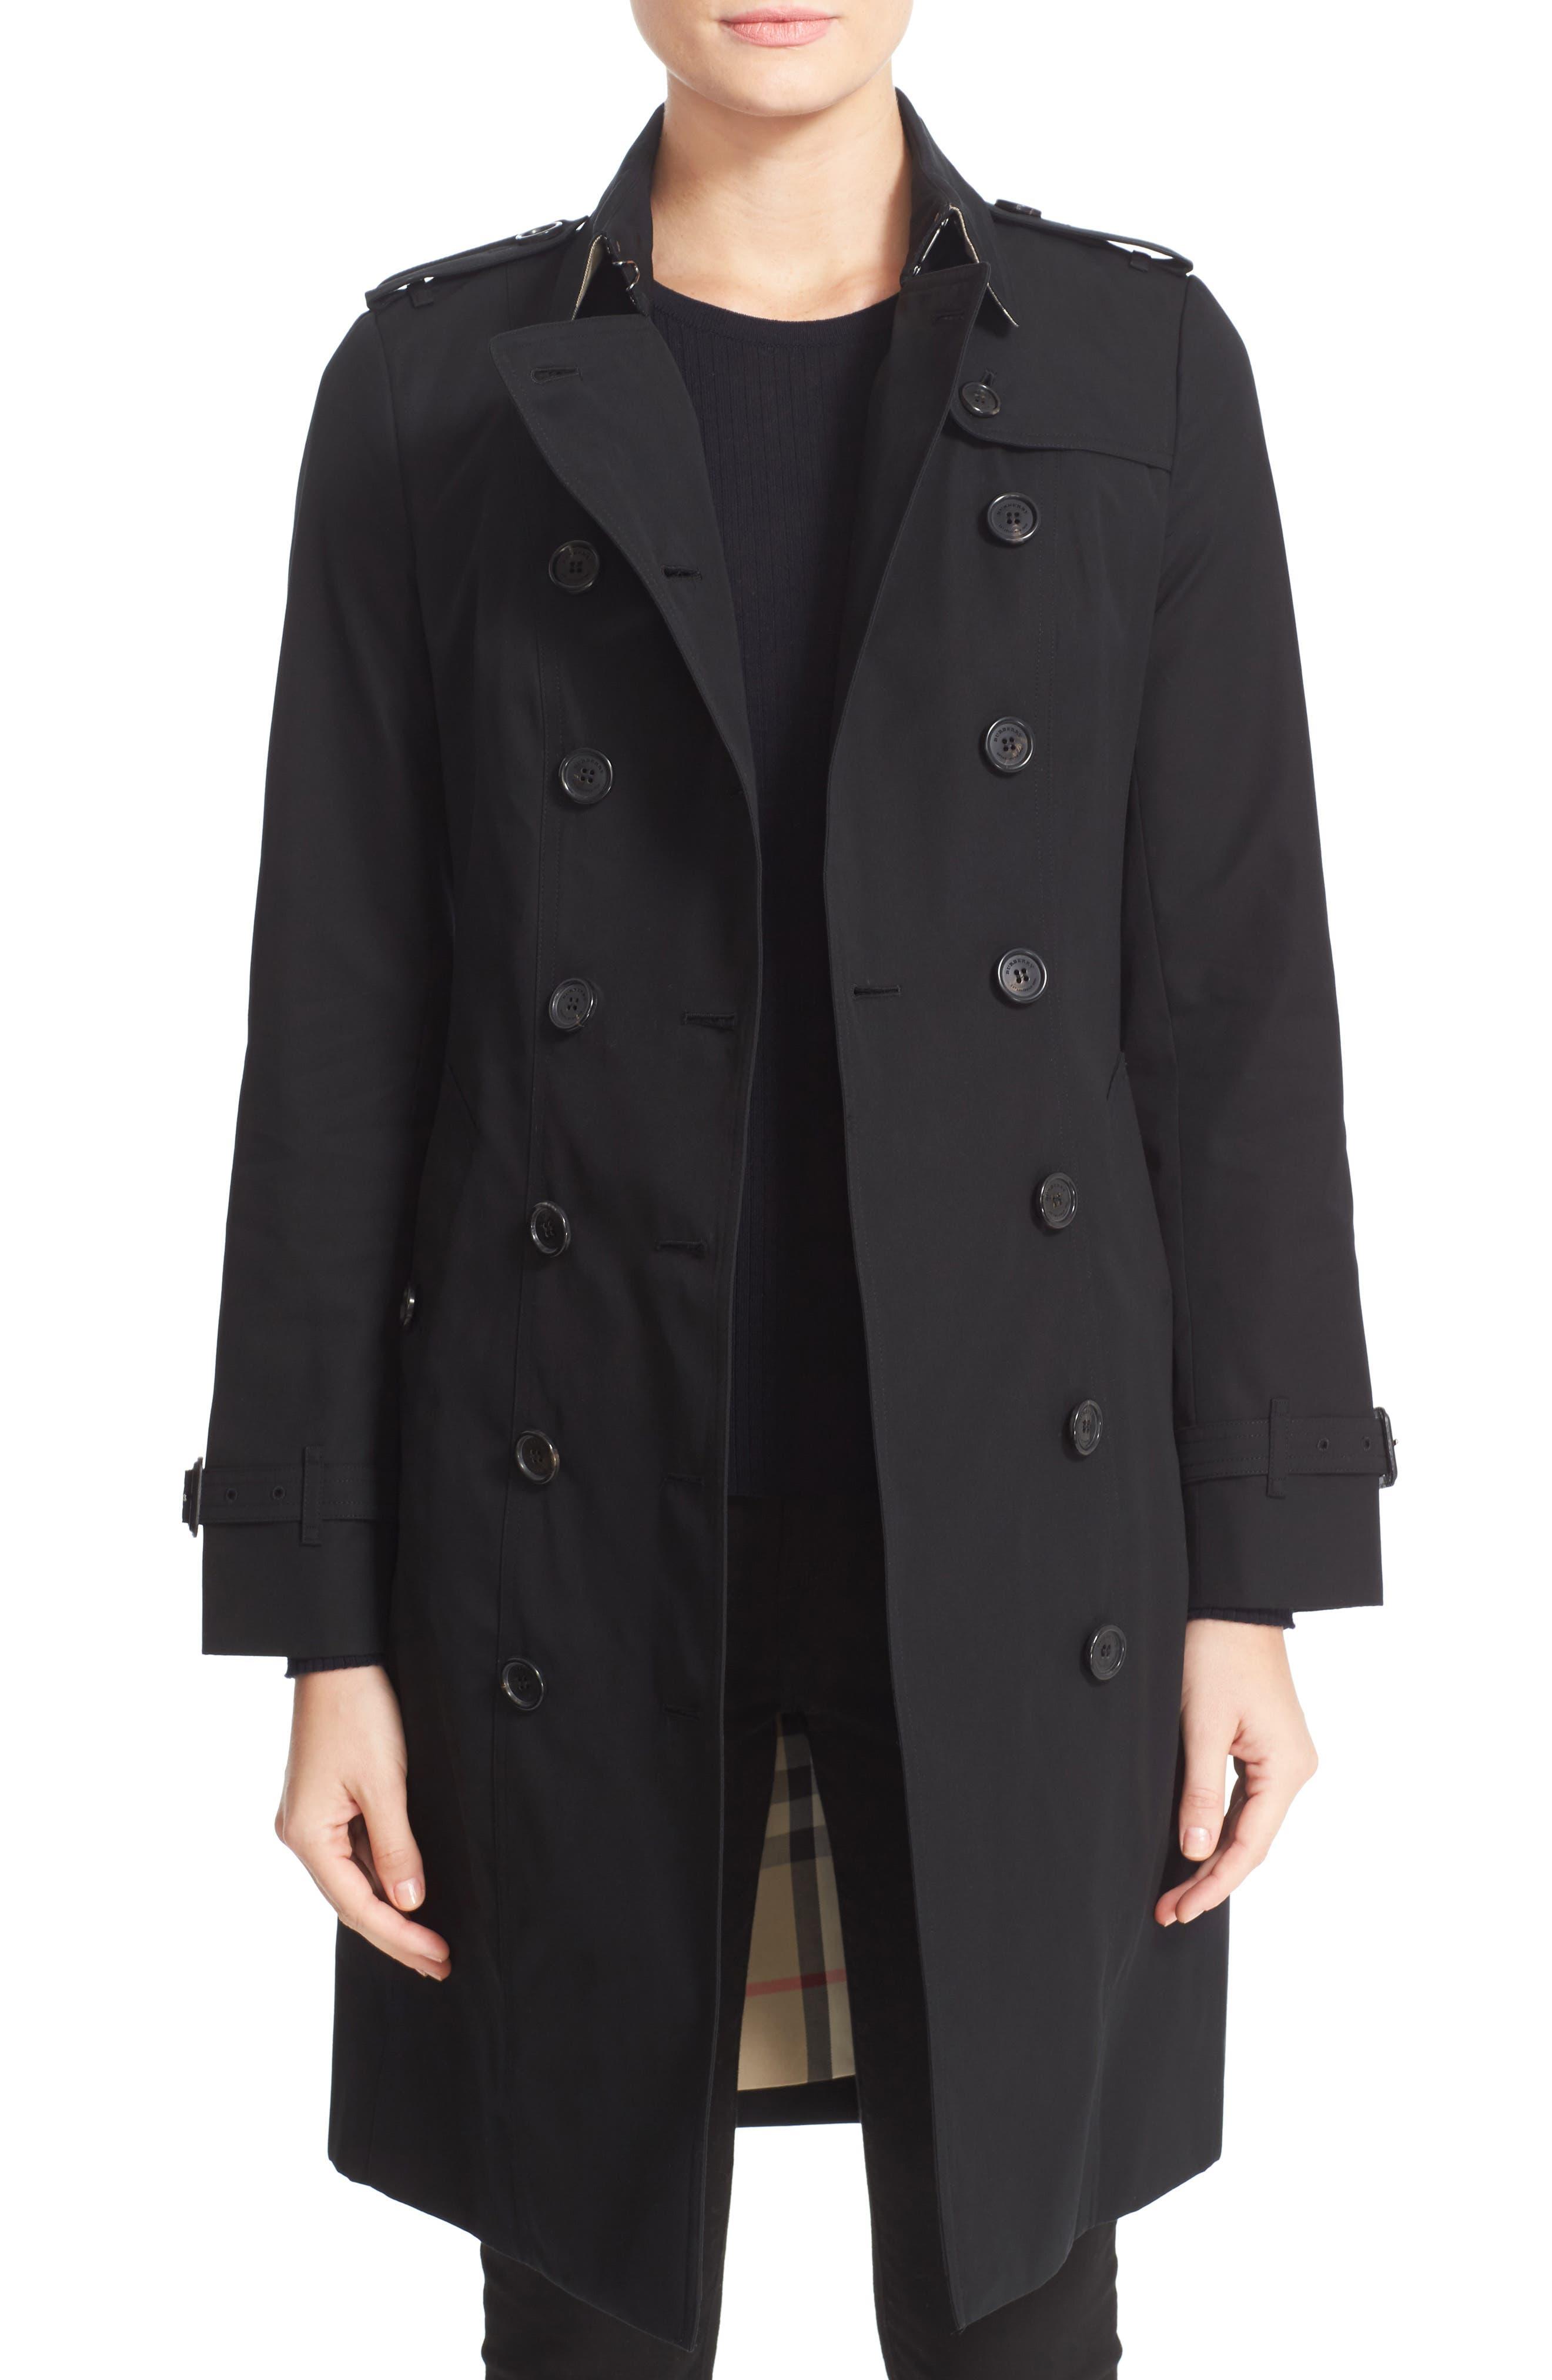 BURBERRY Sandringham Long Slim Trench Coat